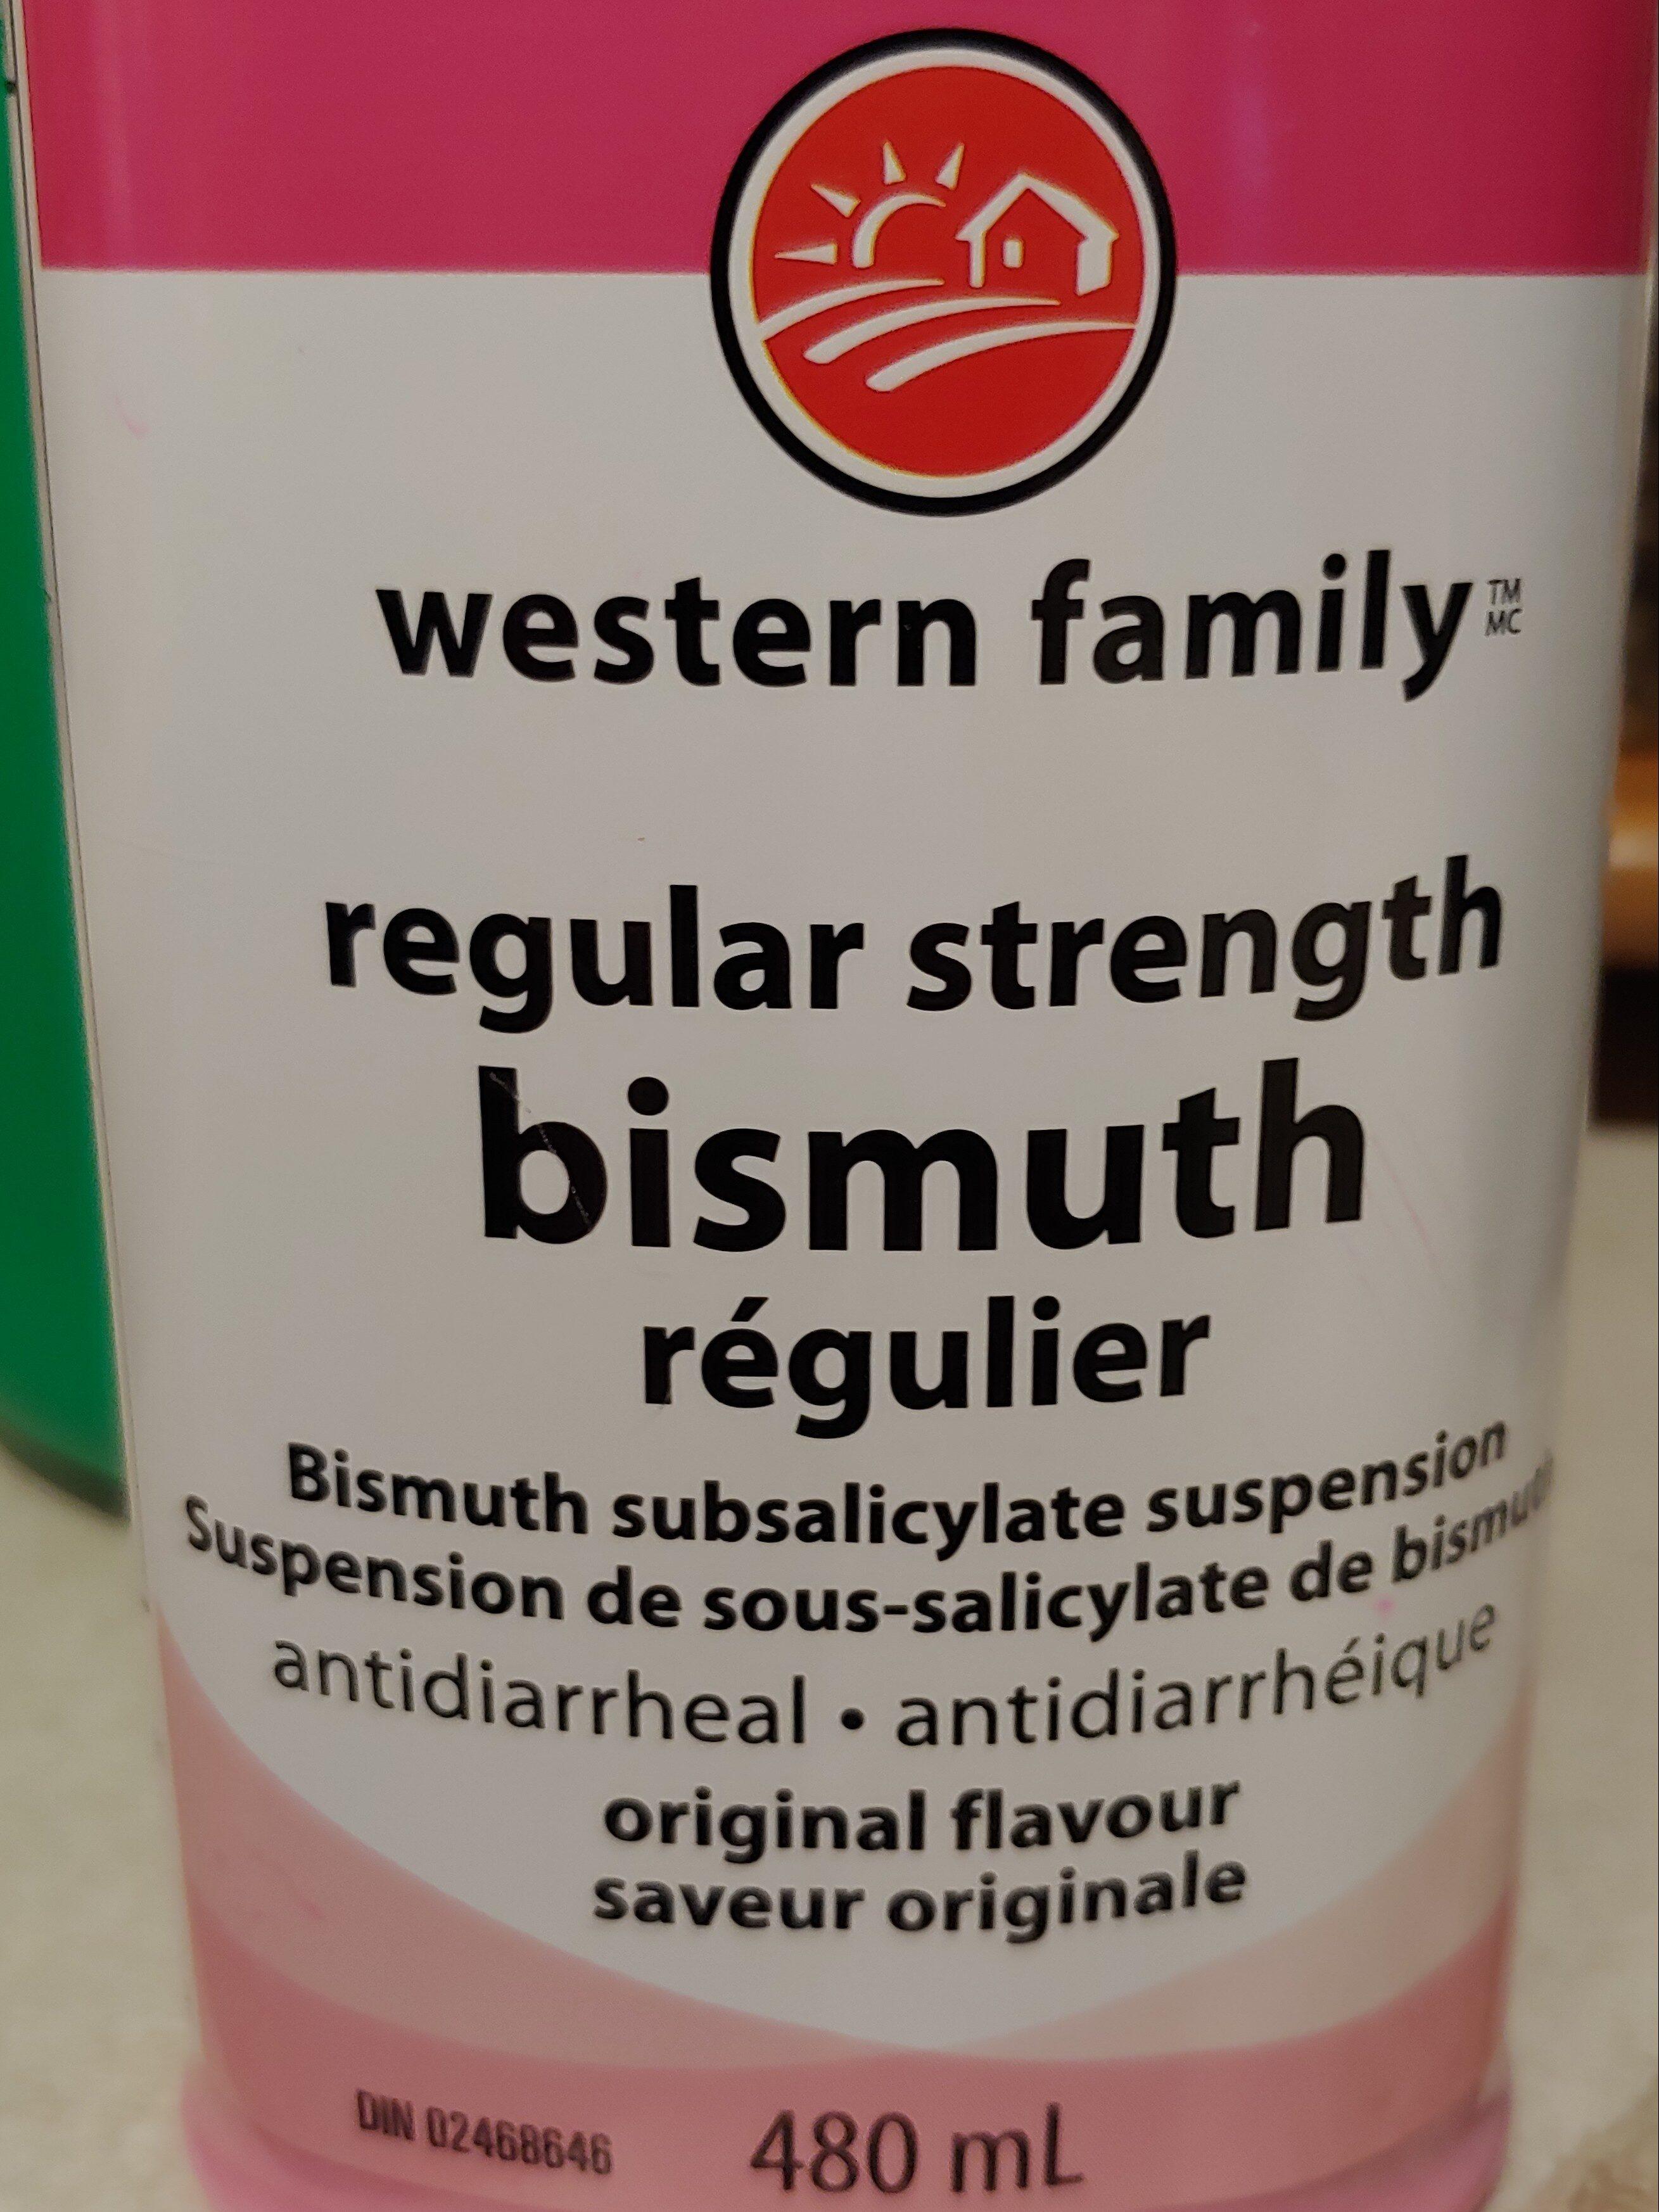 Western Family Regular Strength Bismuth - Produit - en